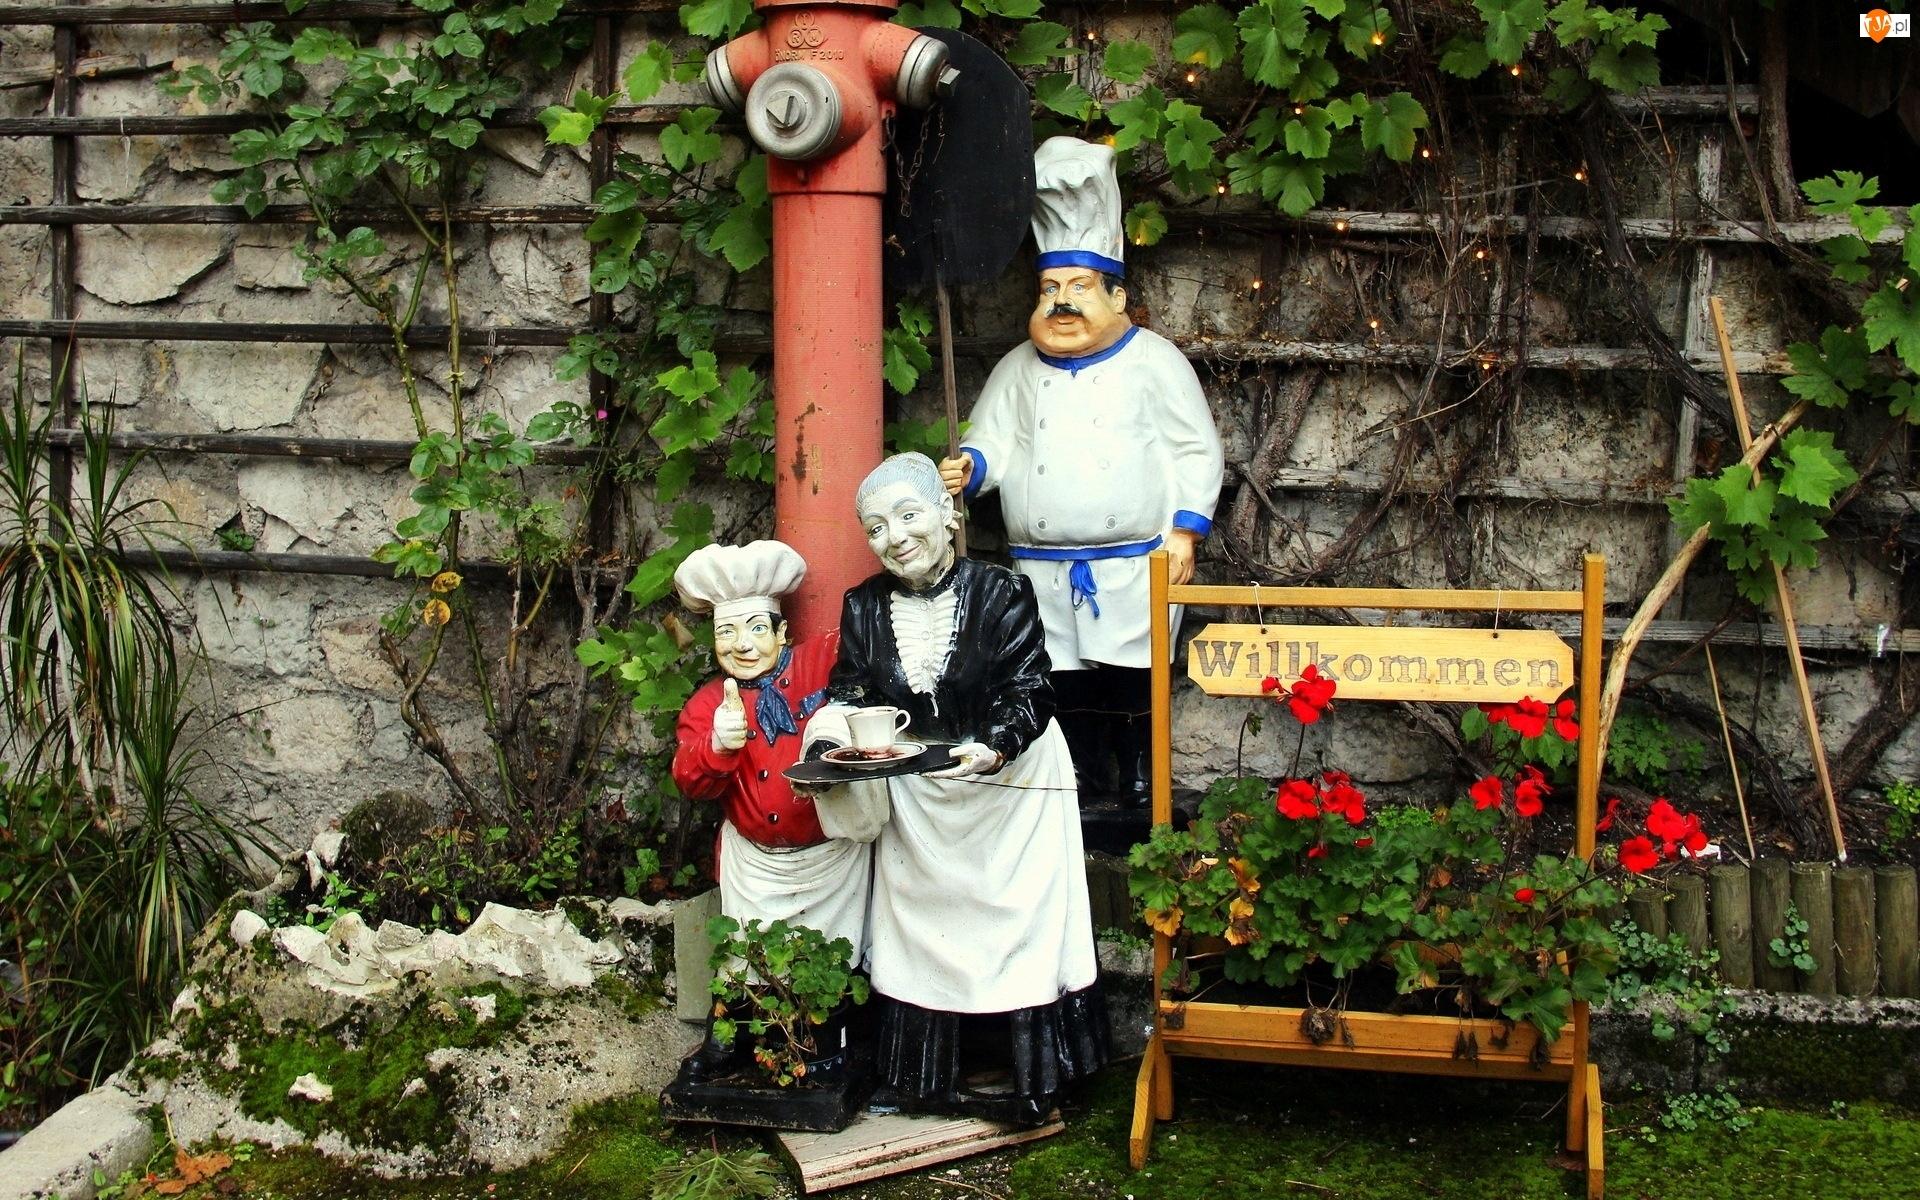 Gospodyni, Pelargonie, Figury, Ogródek, Kucharz, Kwiaty